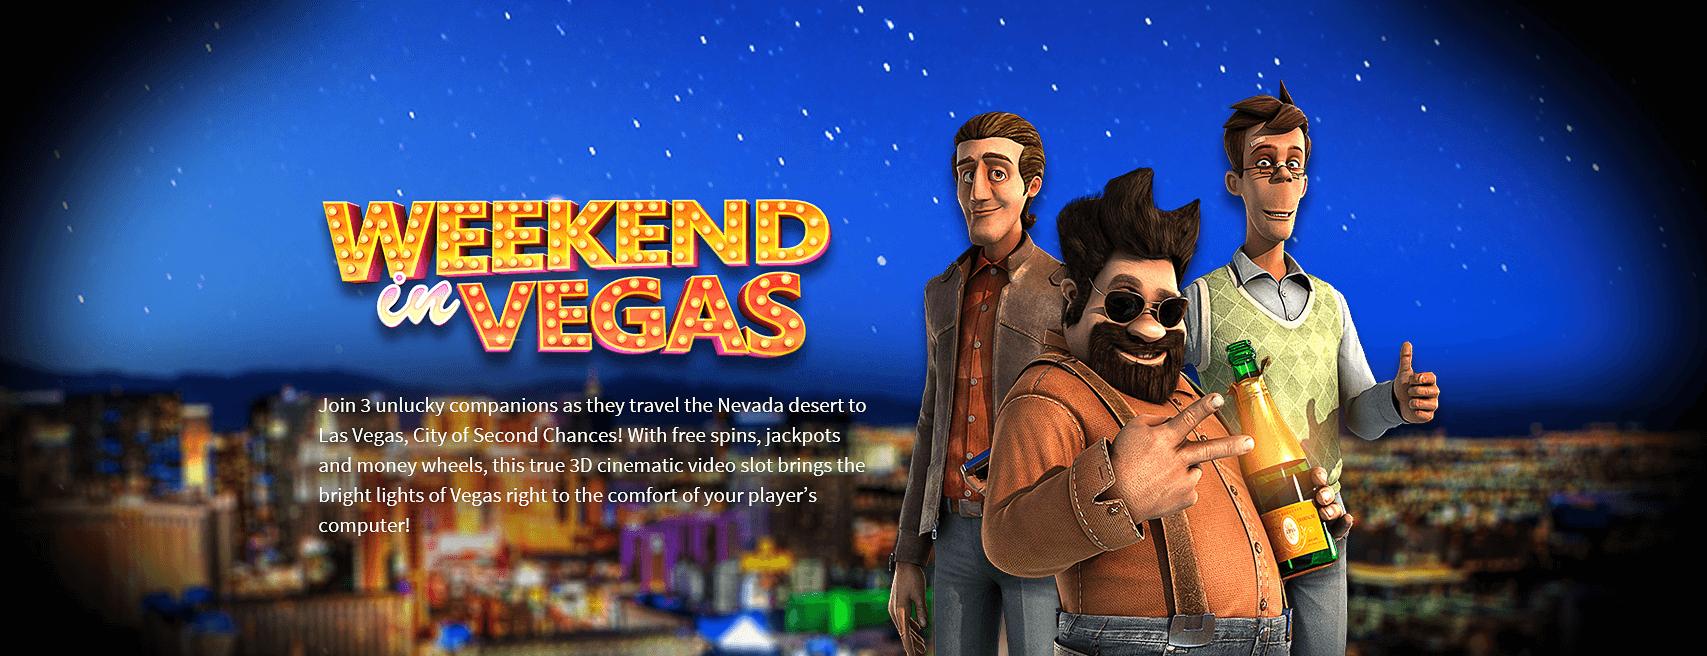 Weekend in Vegas Gokkast Welkomst